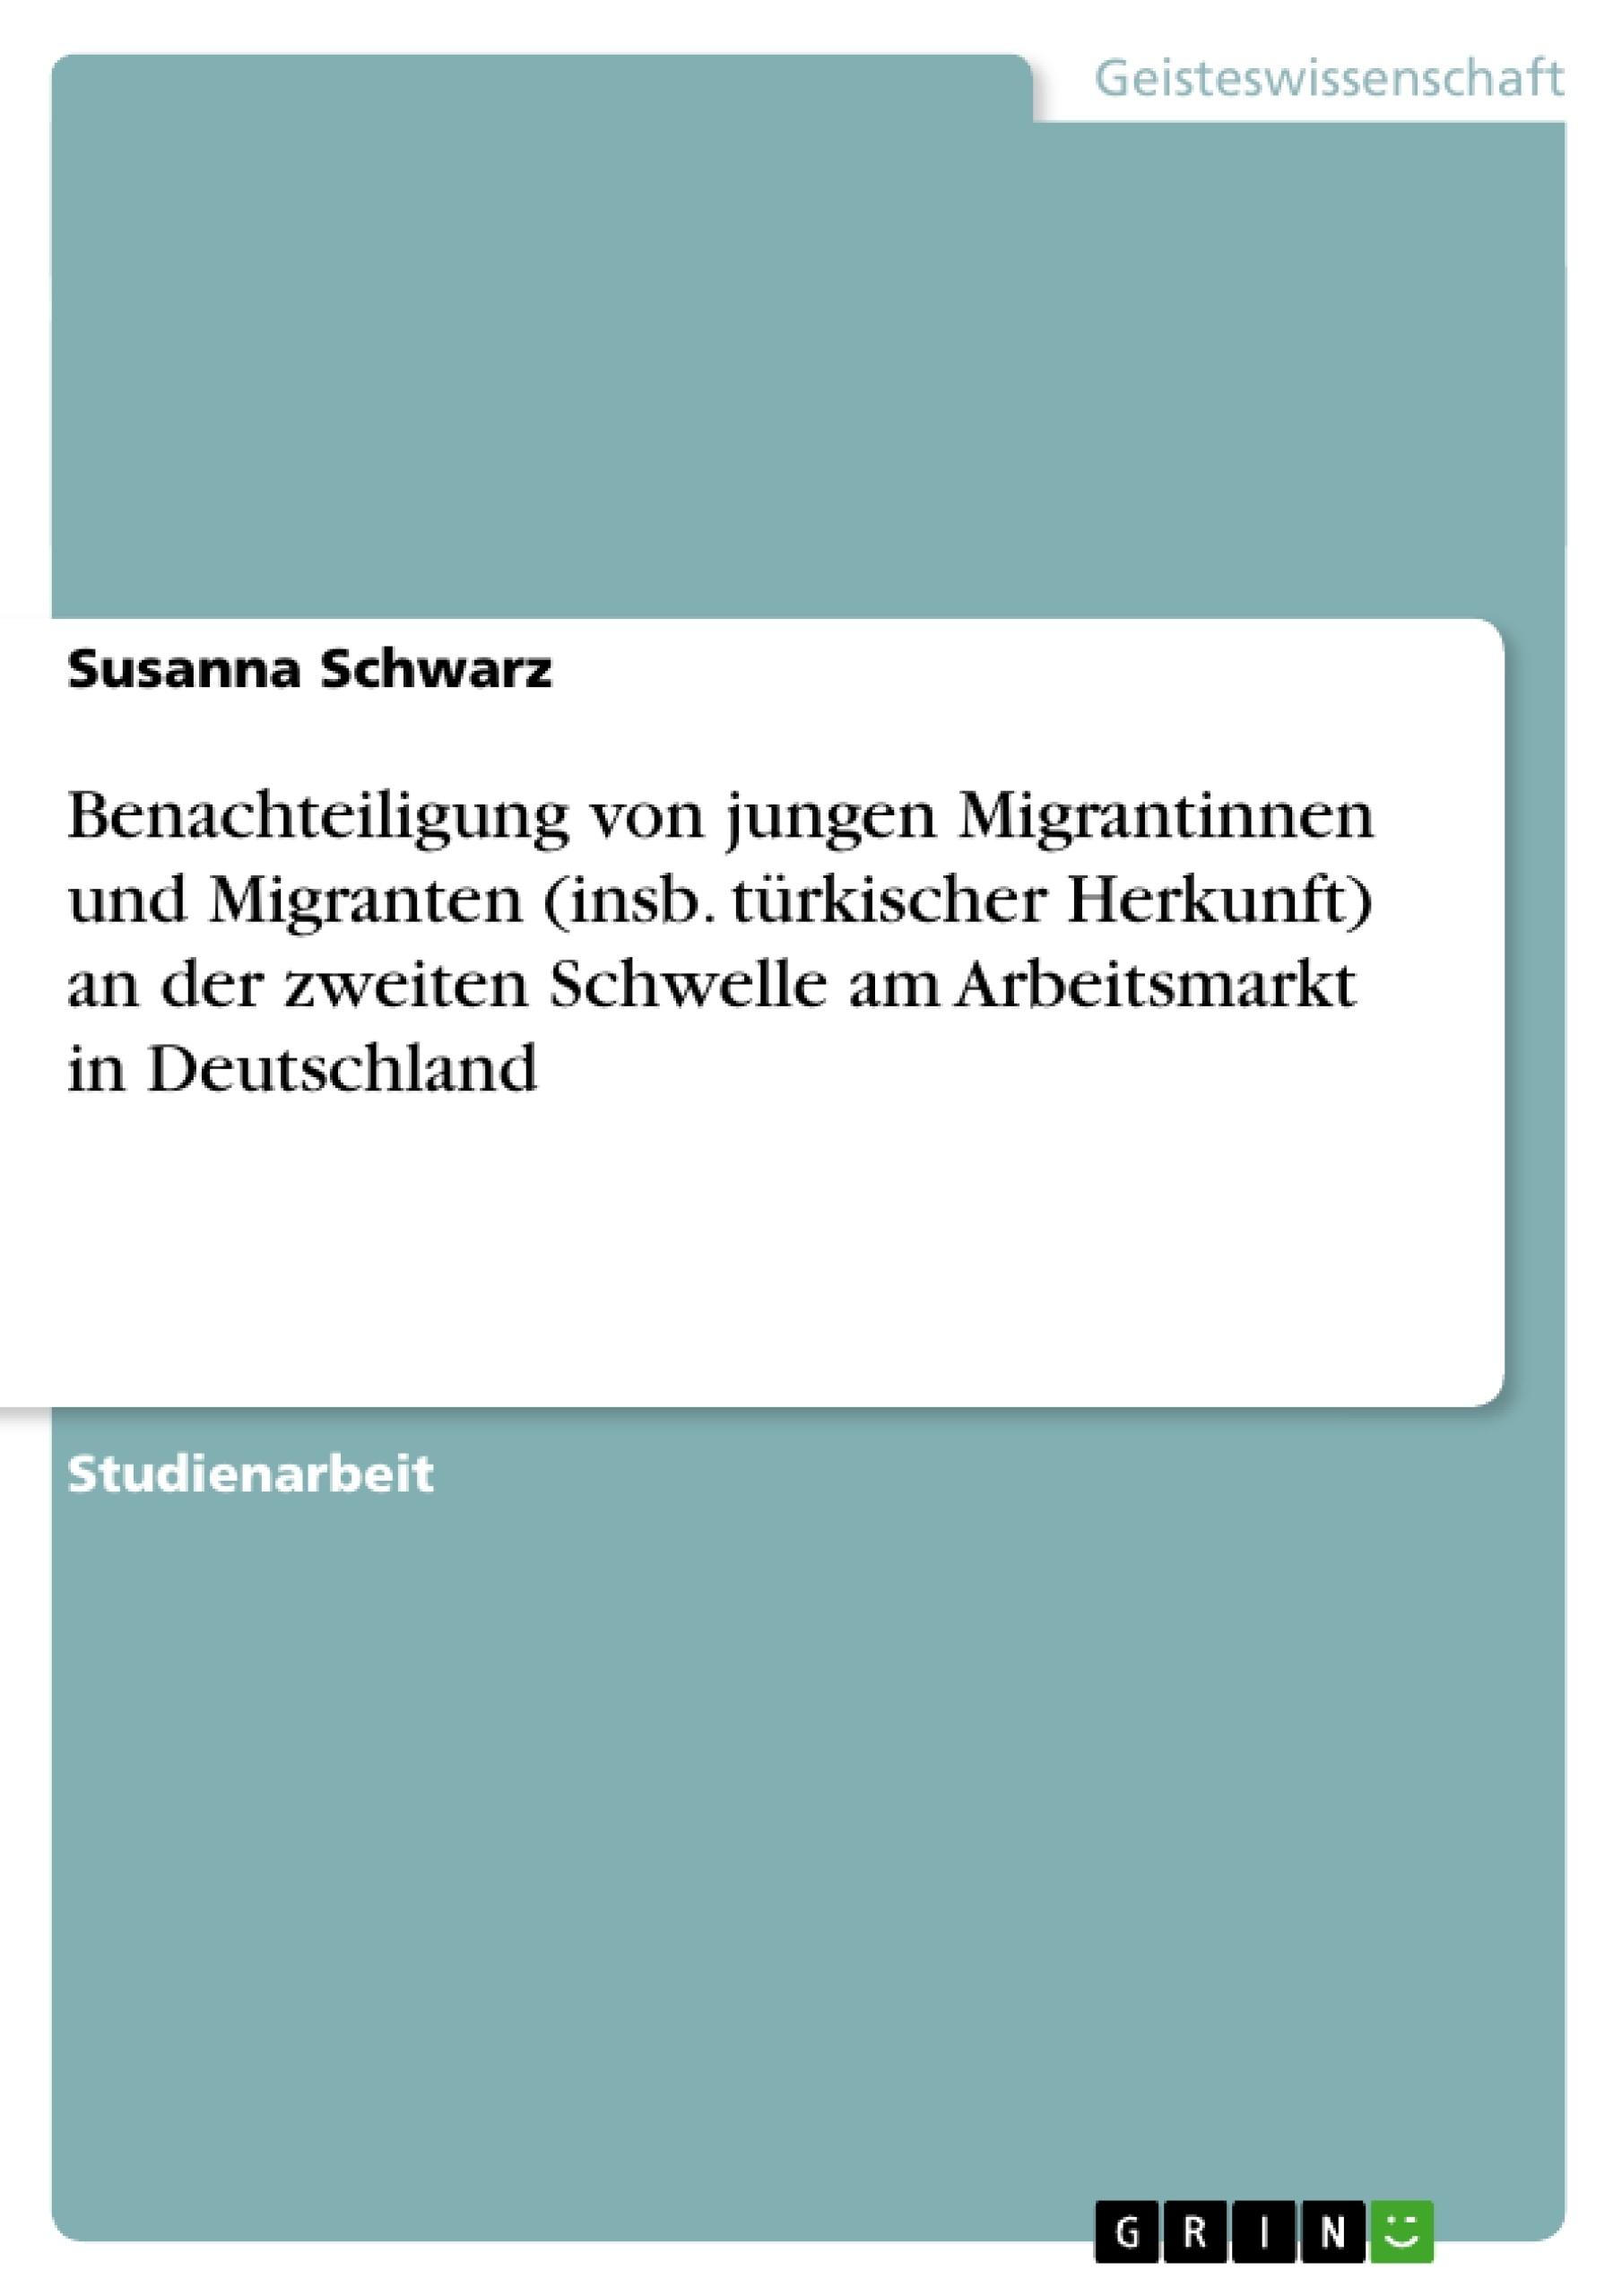 Titel: Benachteiligung von jungen Migrantinnen und Migranten (insb. türkischer Herkunft) an der zweiten Schwelle am Arbeitsmarkt in Deutschland